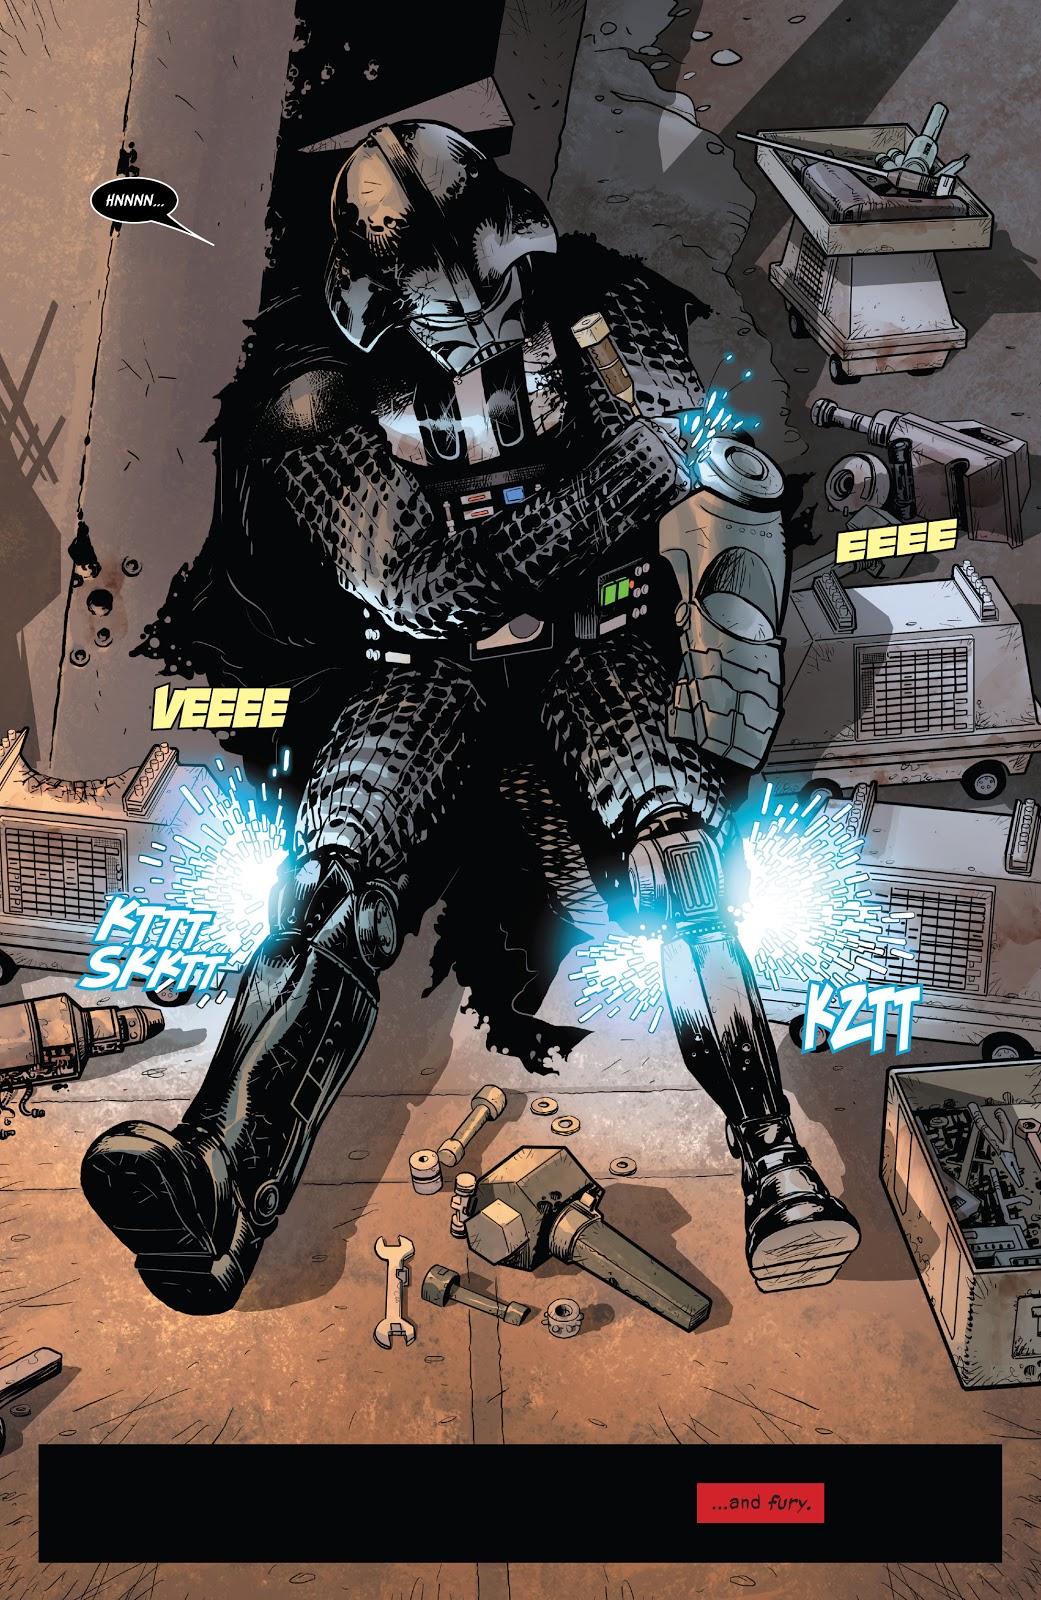 Star Wars Darth Vader Vol. 1 #7